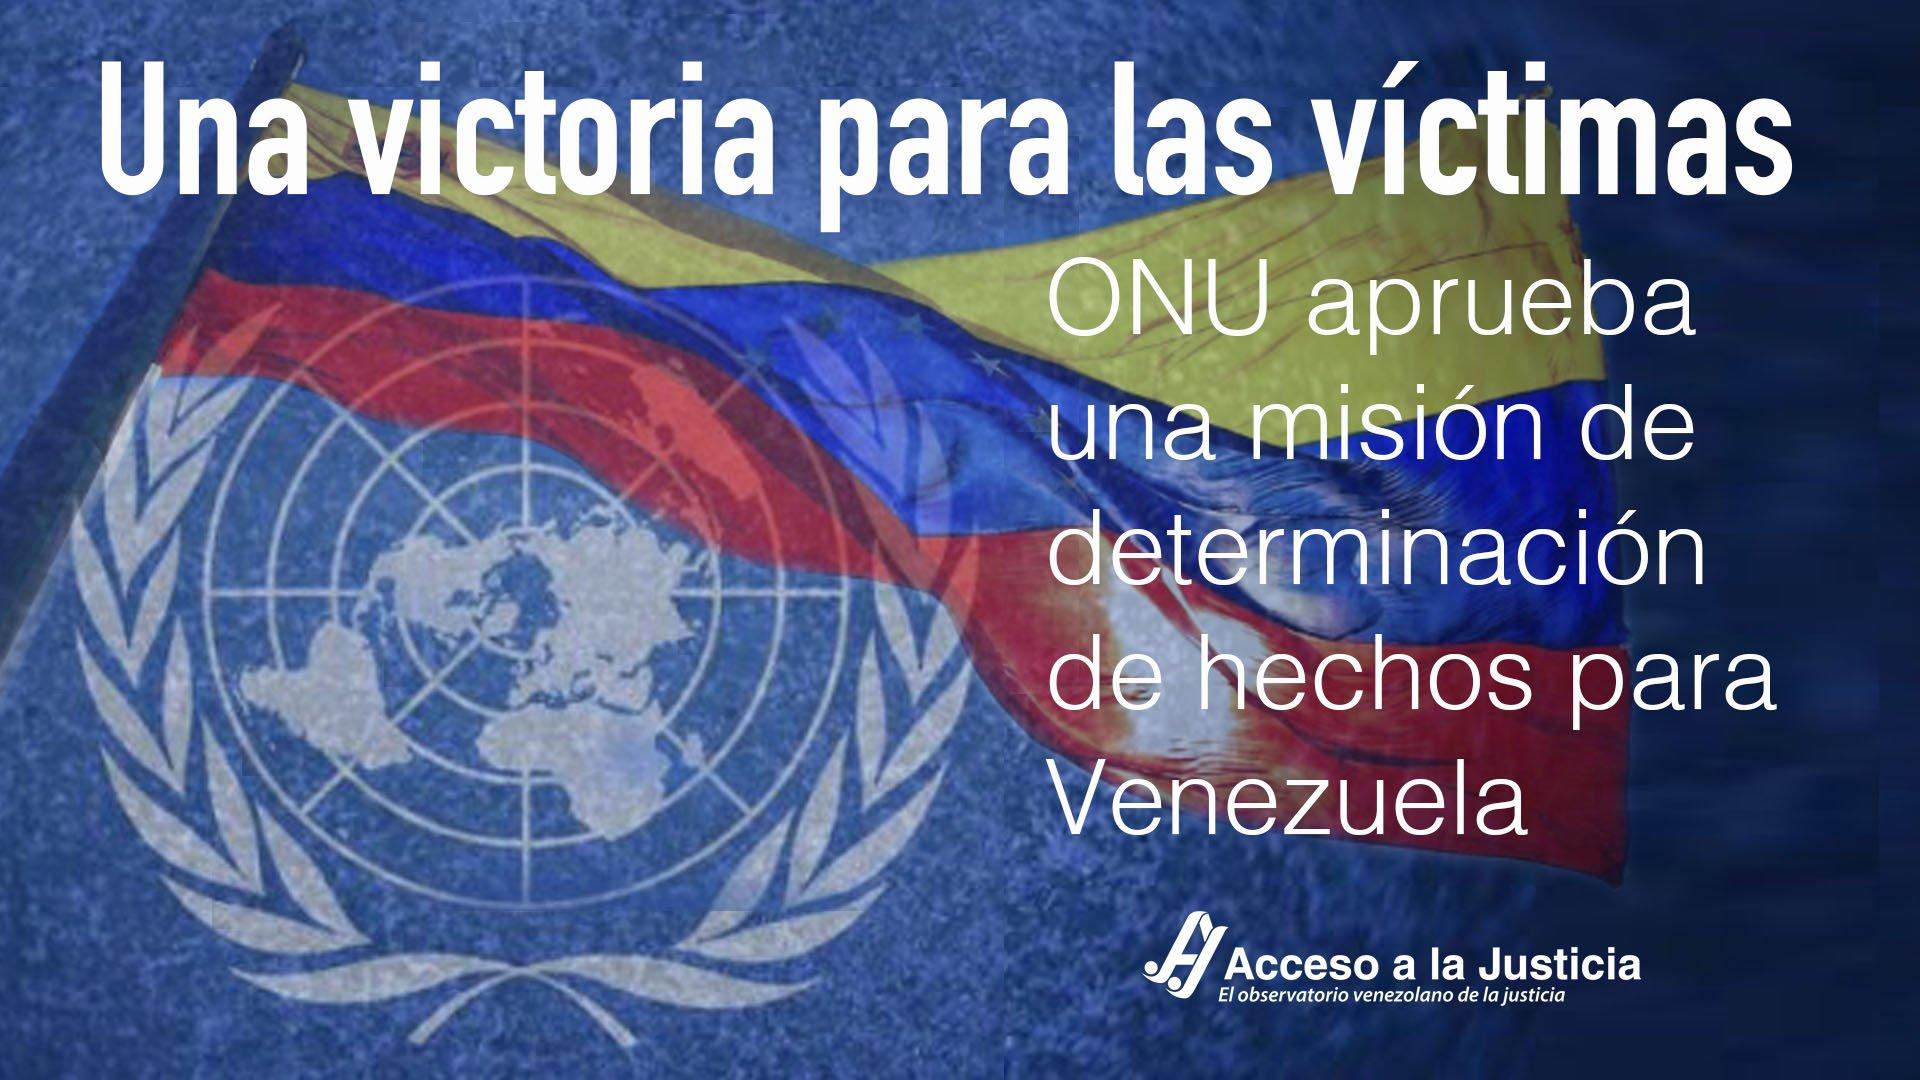 Una victoria para las víctimas: ONU aprueba una misión de determinación de hechos para Venezuela